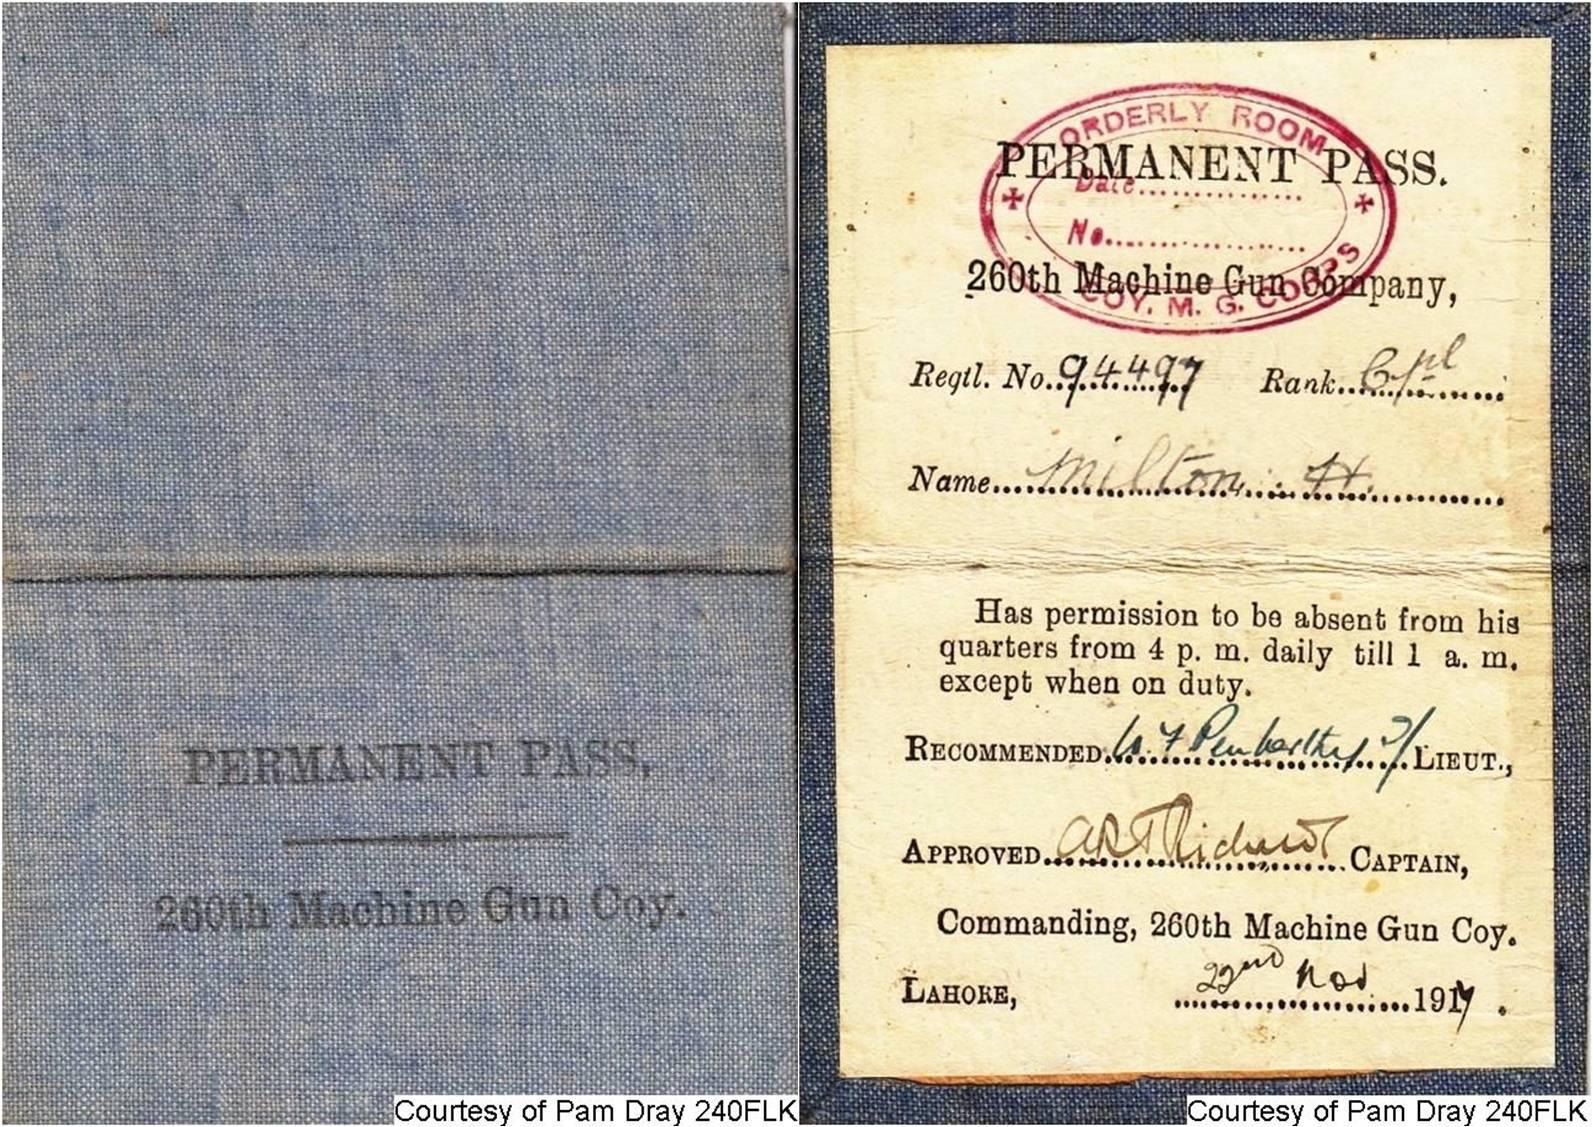 240FLK - Herbert's Perment Pass (Page 1 & 2)